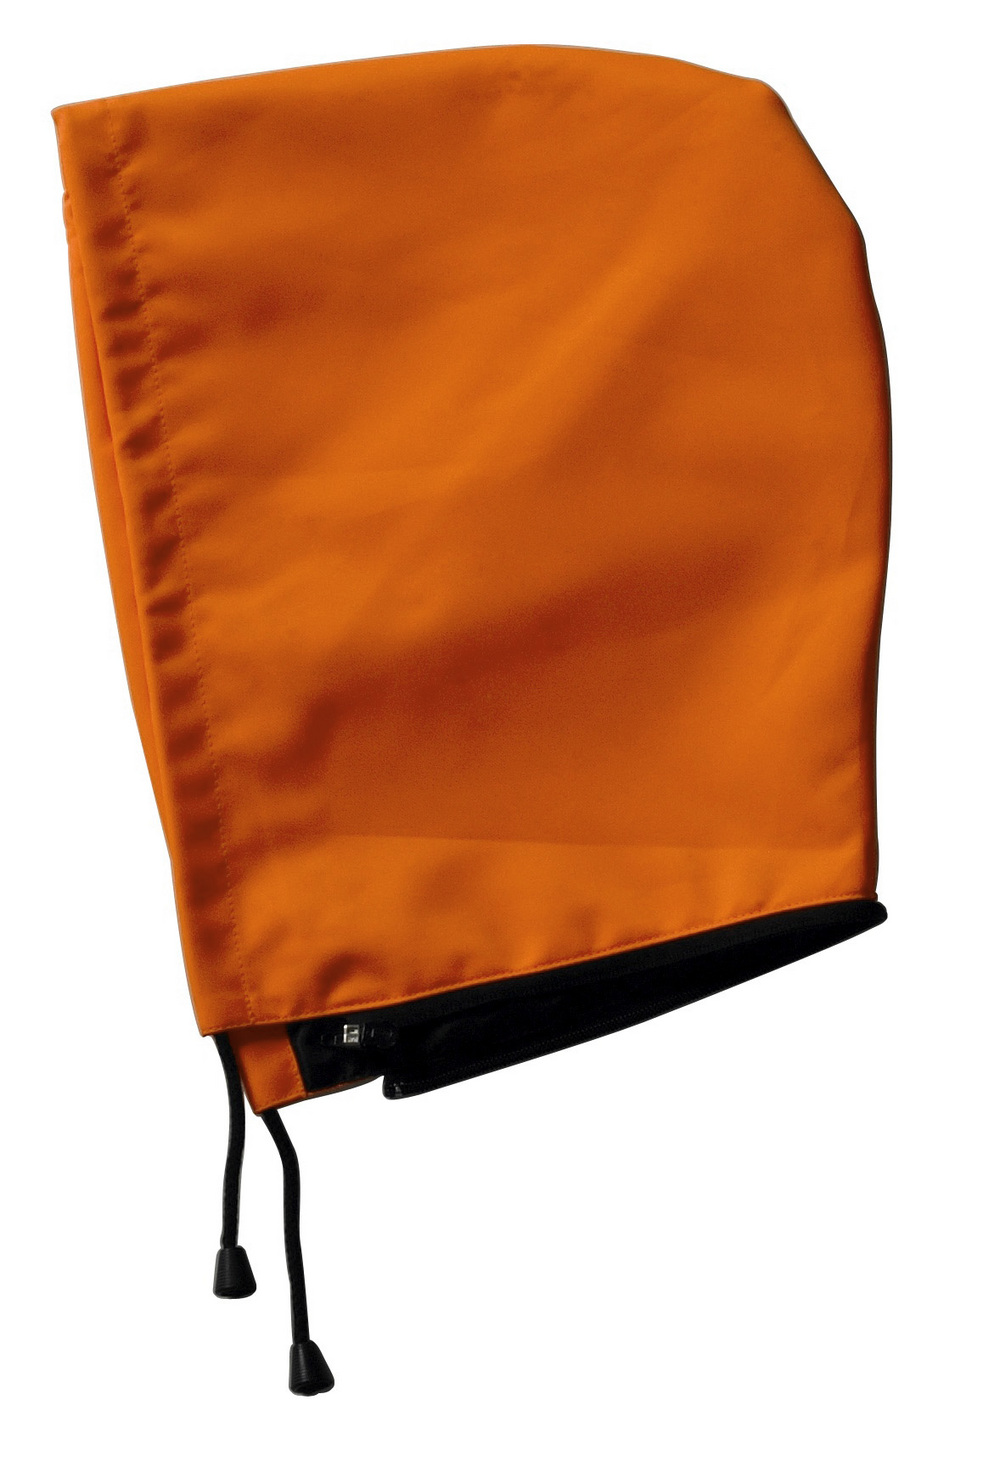 07014-880-14 Hood - hi-vis orange